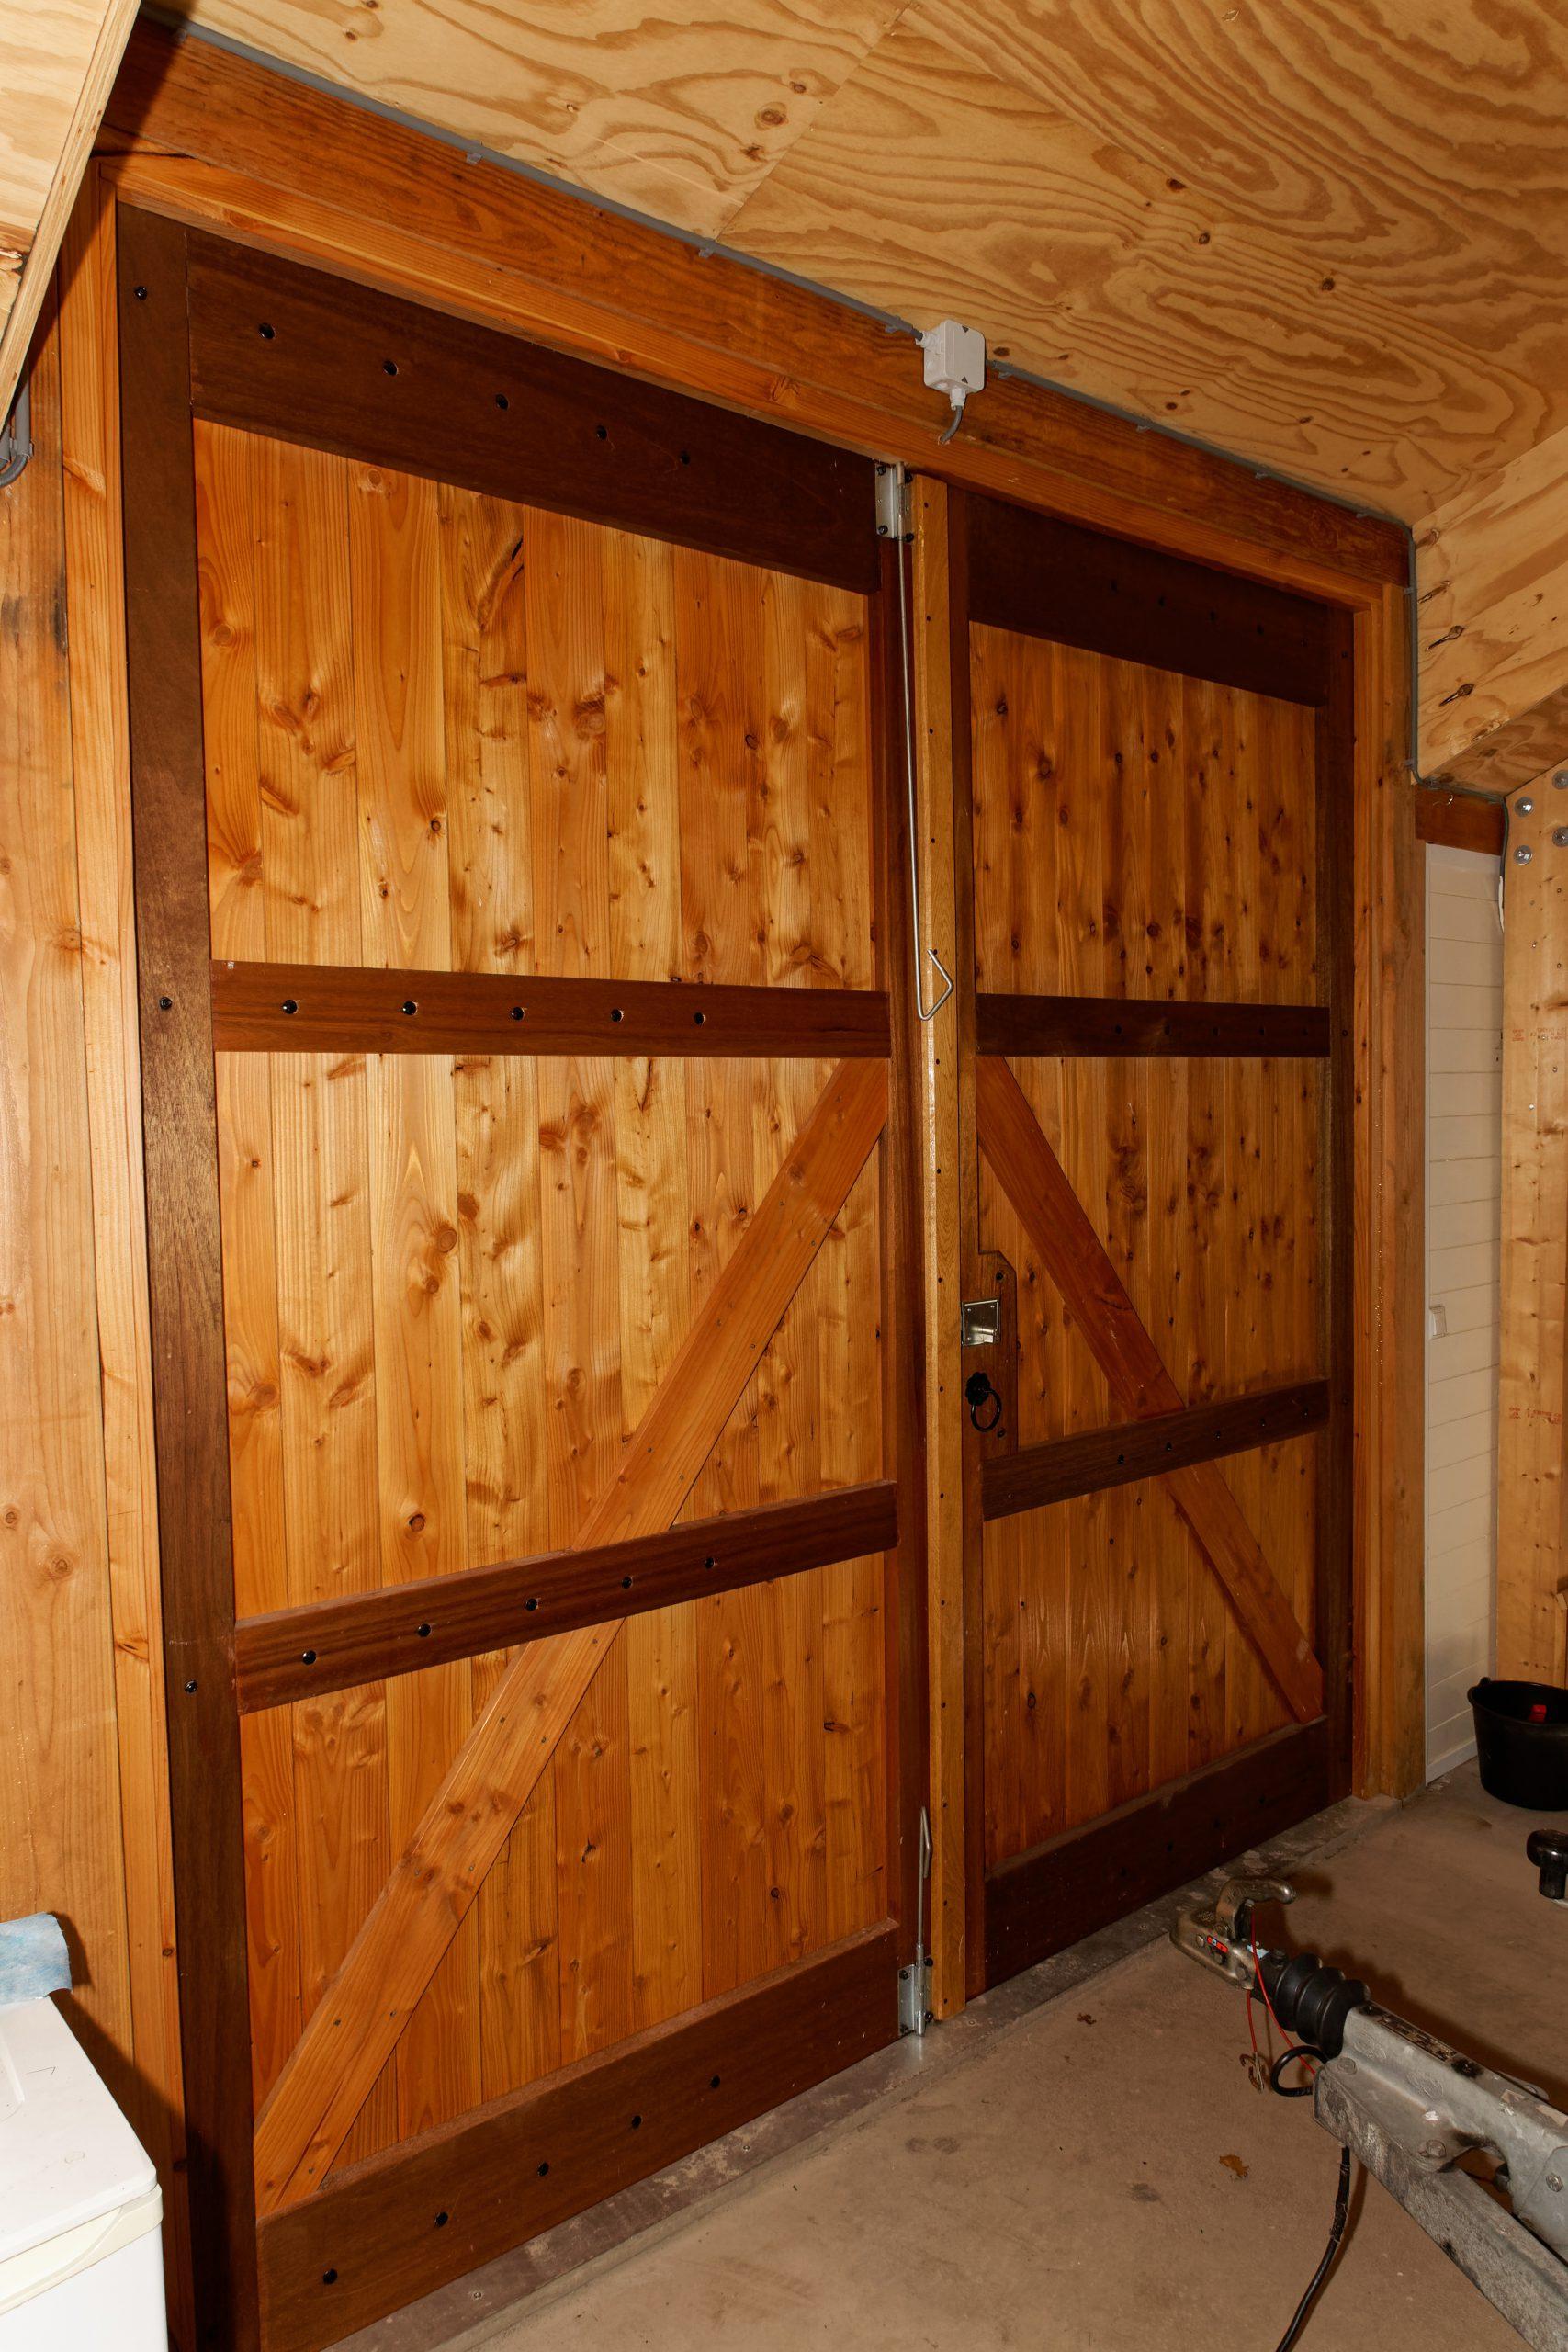 houten-schuur-met-paardenstallen-16-scaled - Project Hardenberg: Grote houten schuur met paardenstallen.